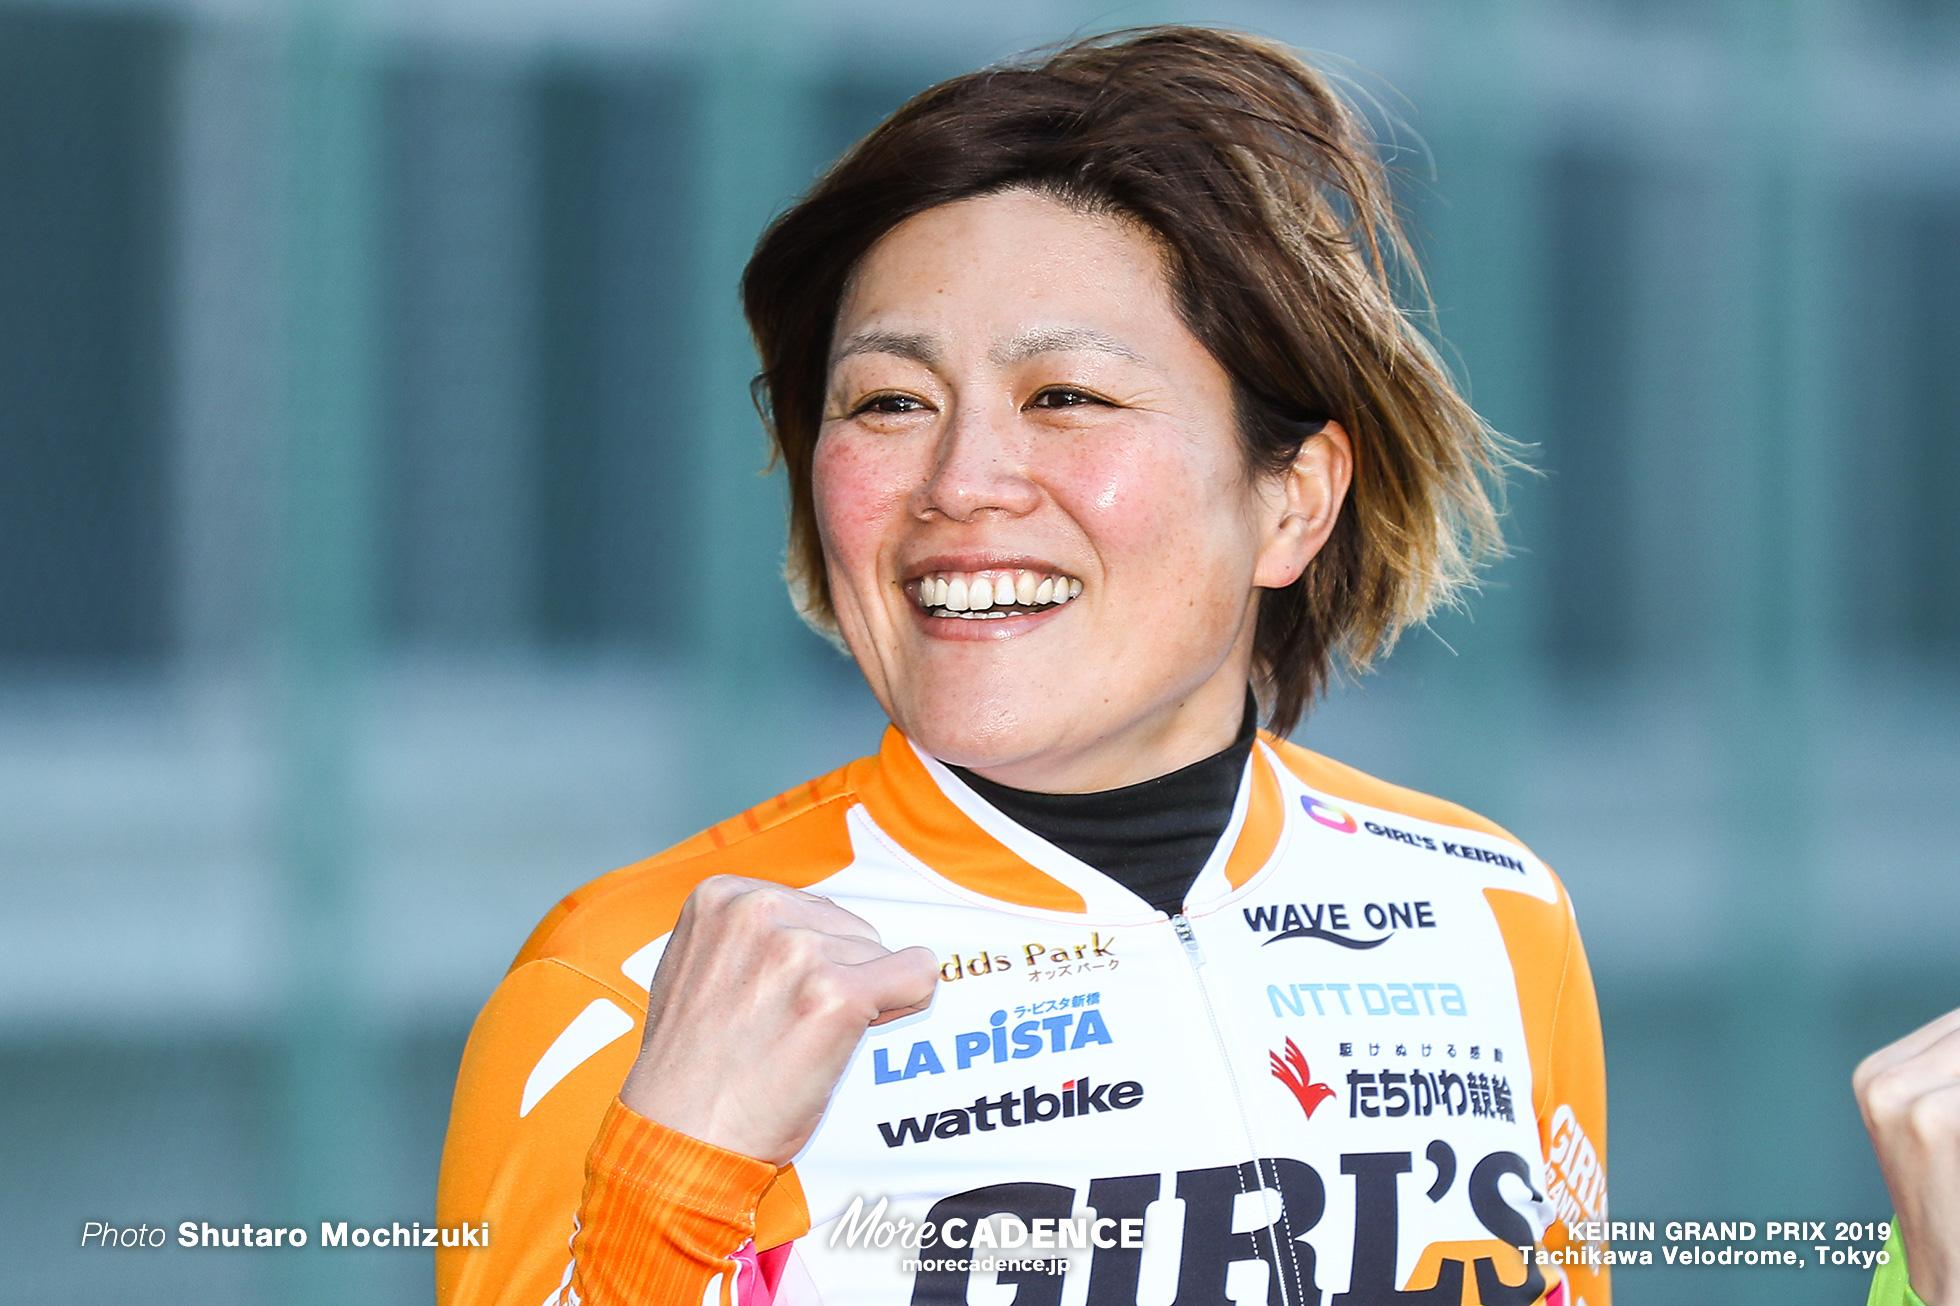 奥井迪 KEIRINグランプリ2019 ガールズグランプリ 前検日